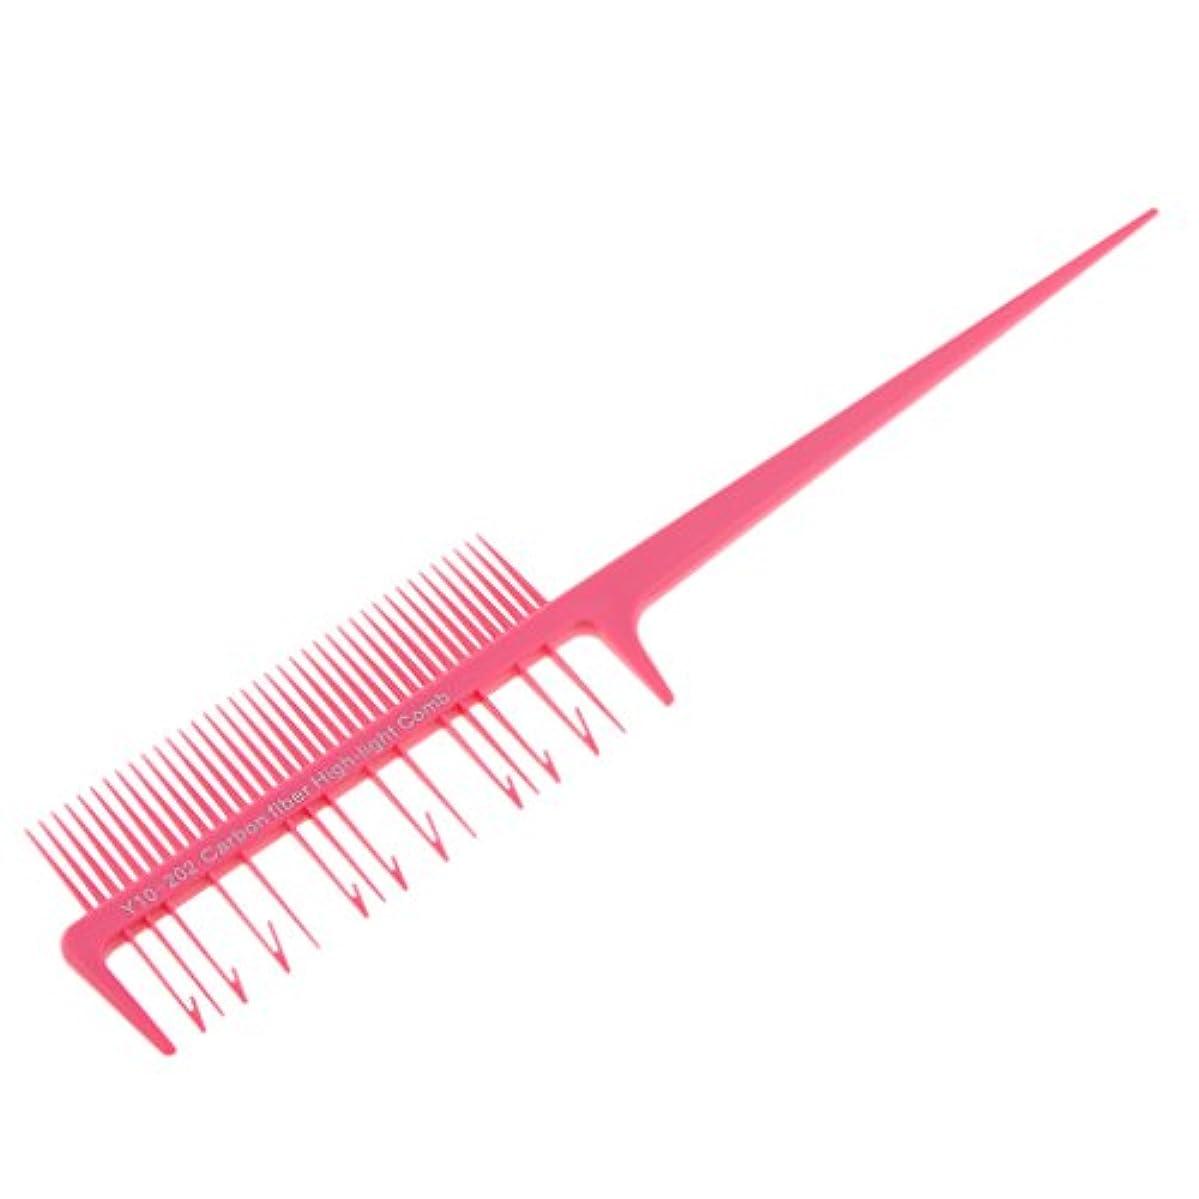 遺棄された町酸っぱいSM SunniMix ヘアダイ ブラシ ヘアカラーブラシ ヘアコーム ヘアブラシ 櫛 髪染め 毛染め ツール 全4色選べる - ピンク, 説明したように